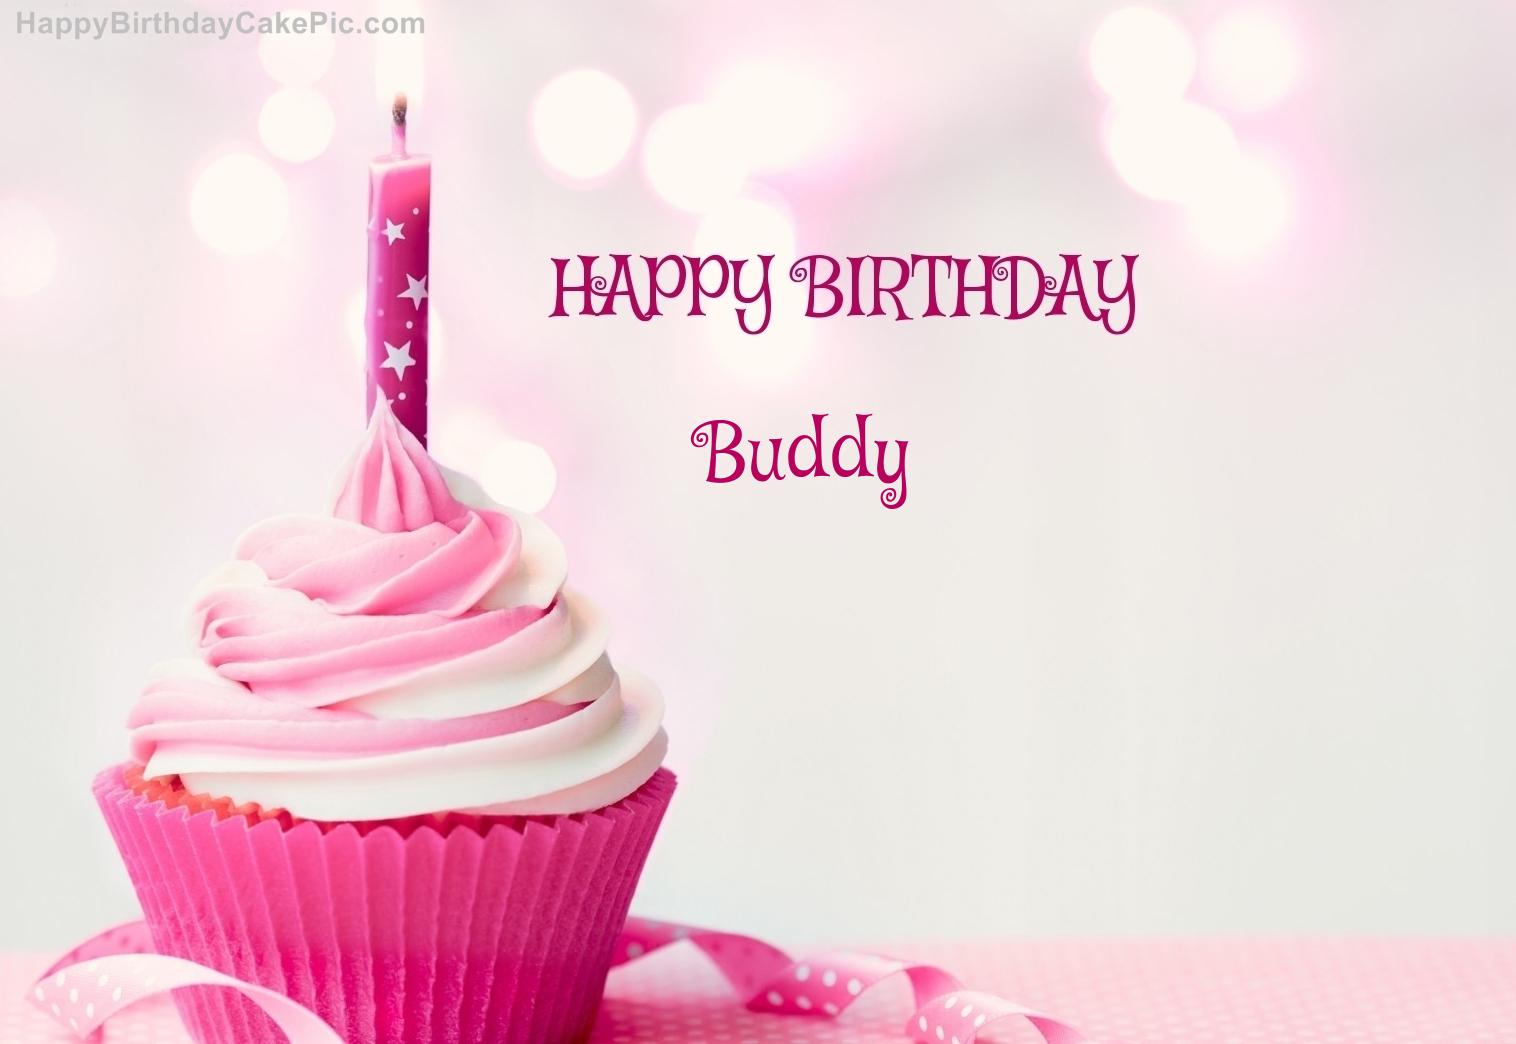 Buddy Cake Images